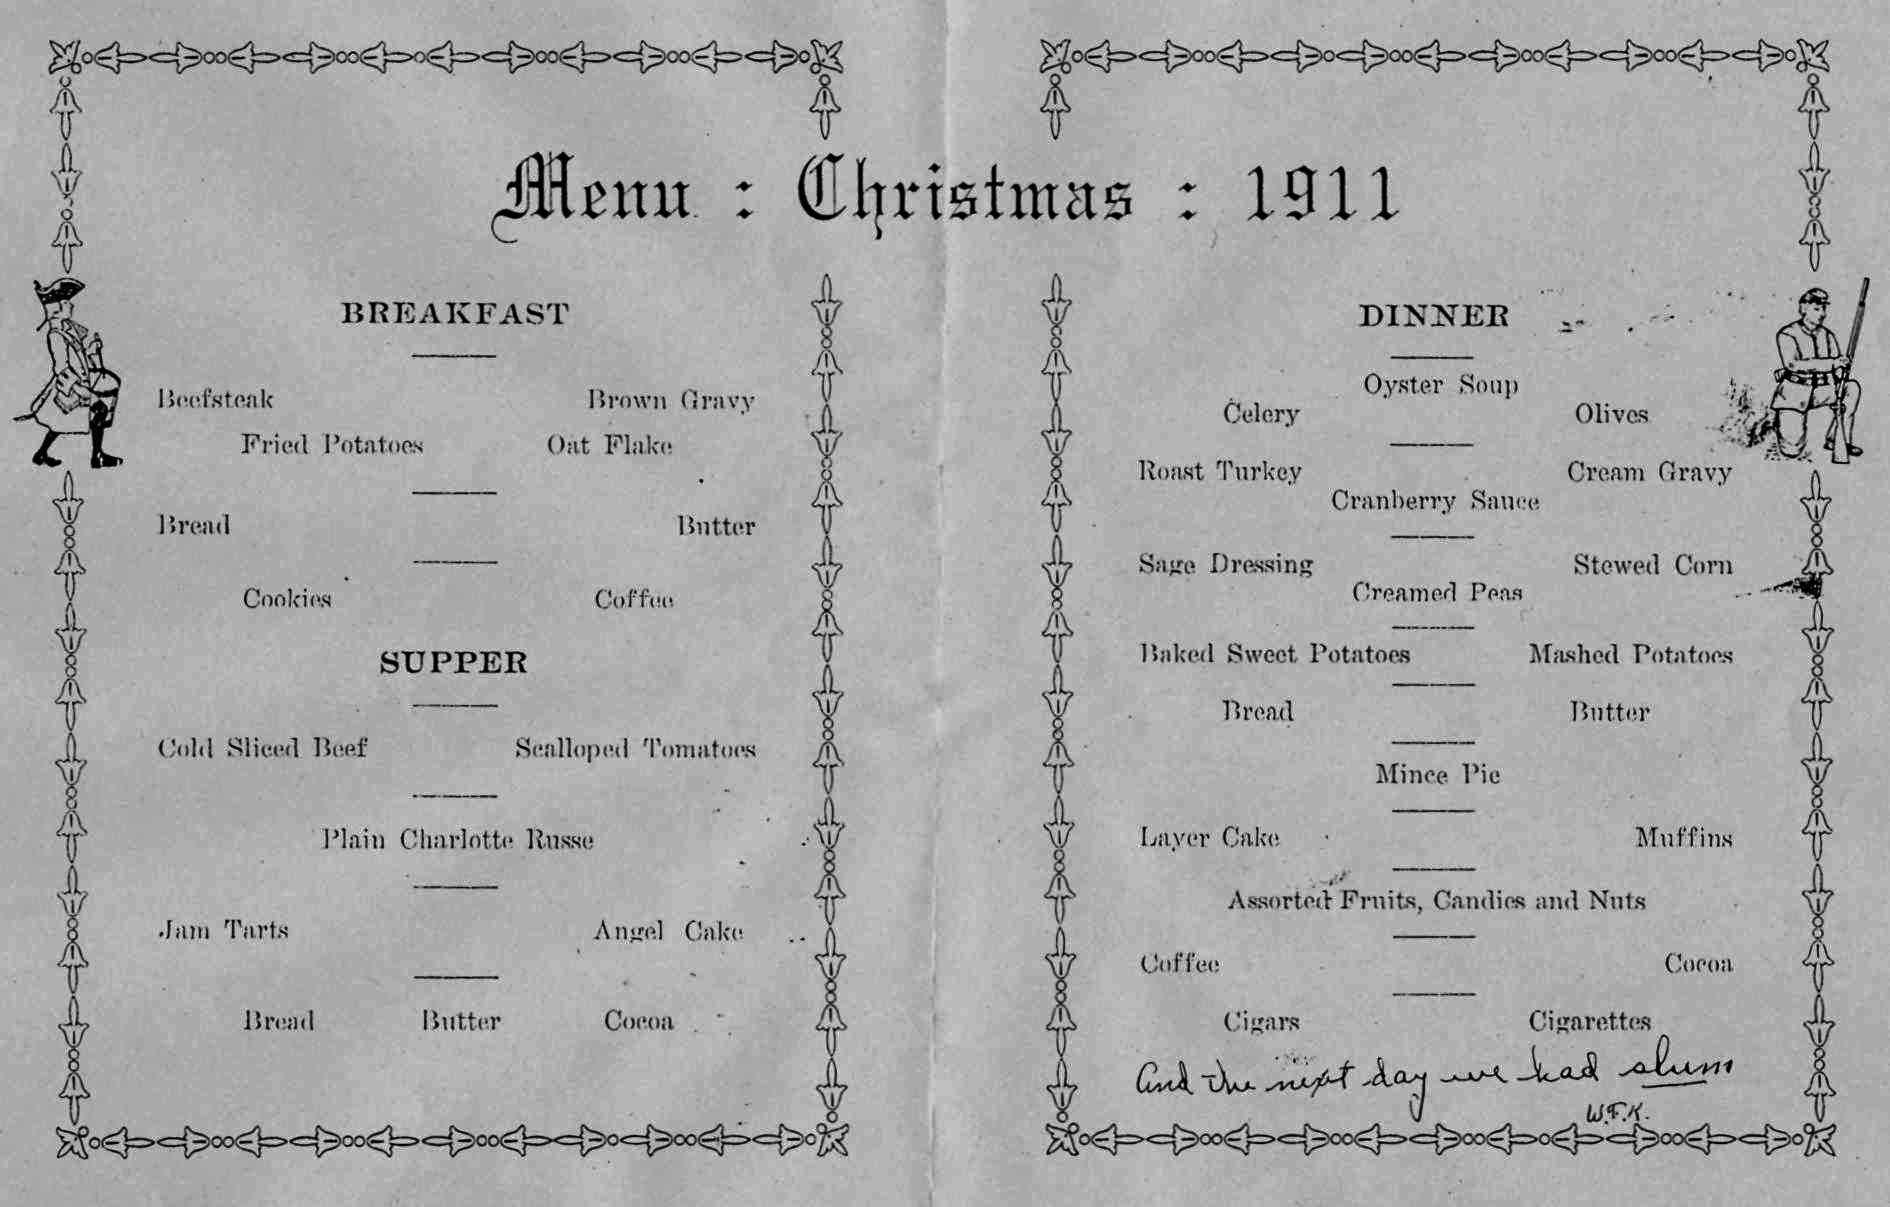 christmas 1911 menu